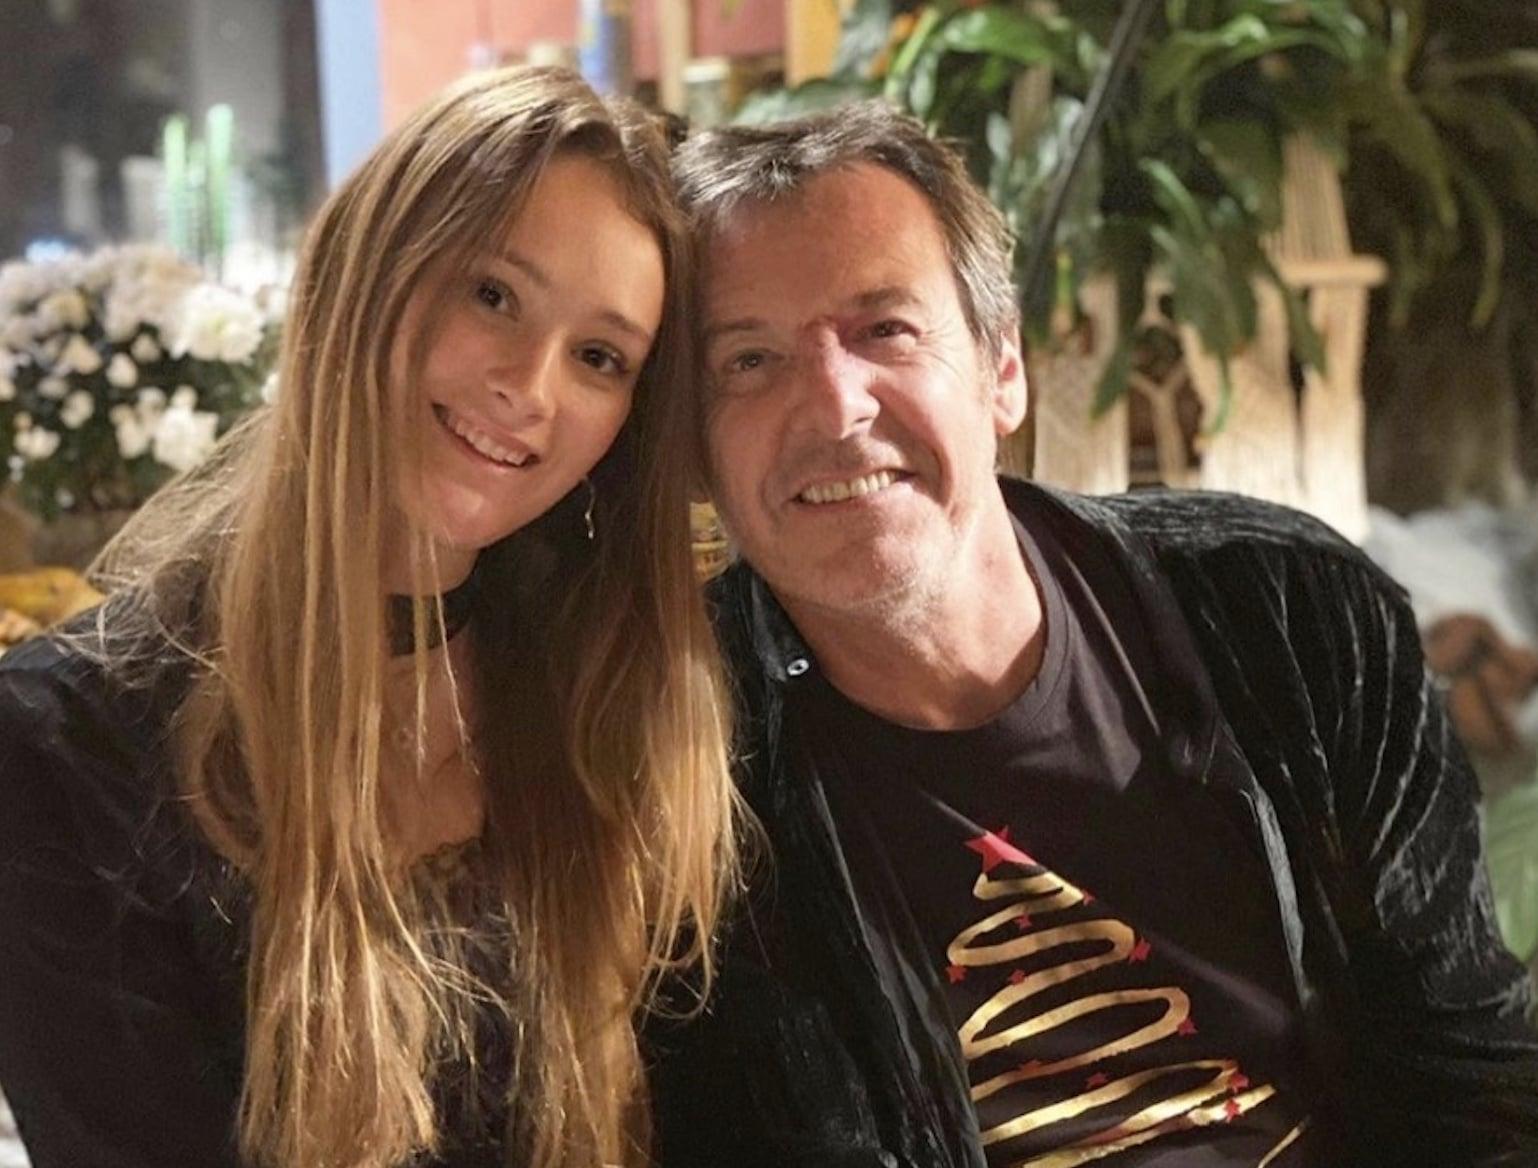 Jean-Luc Reichmann surprend tellement avec un corps musclé dévoilé par un cliché, est-ce l'animateur de TF1? - LDpeople.com